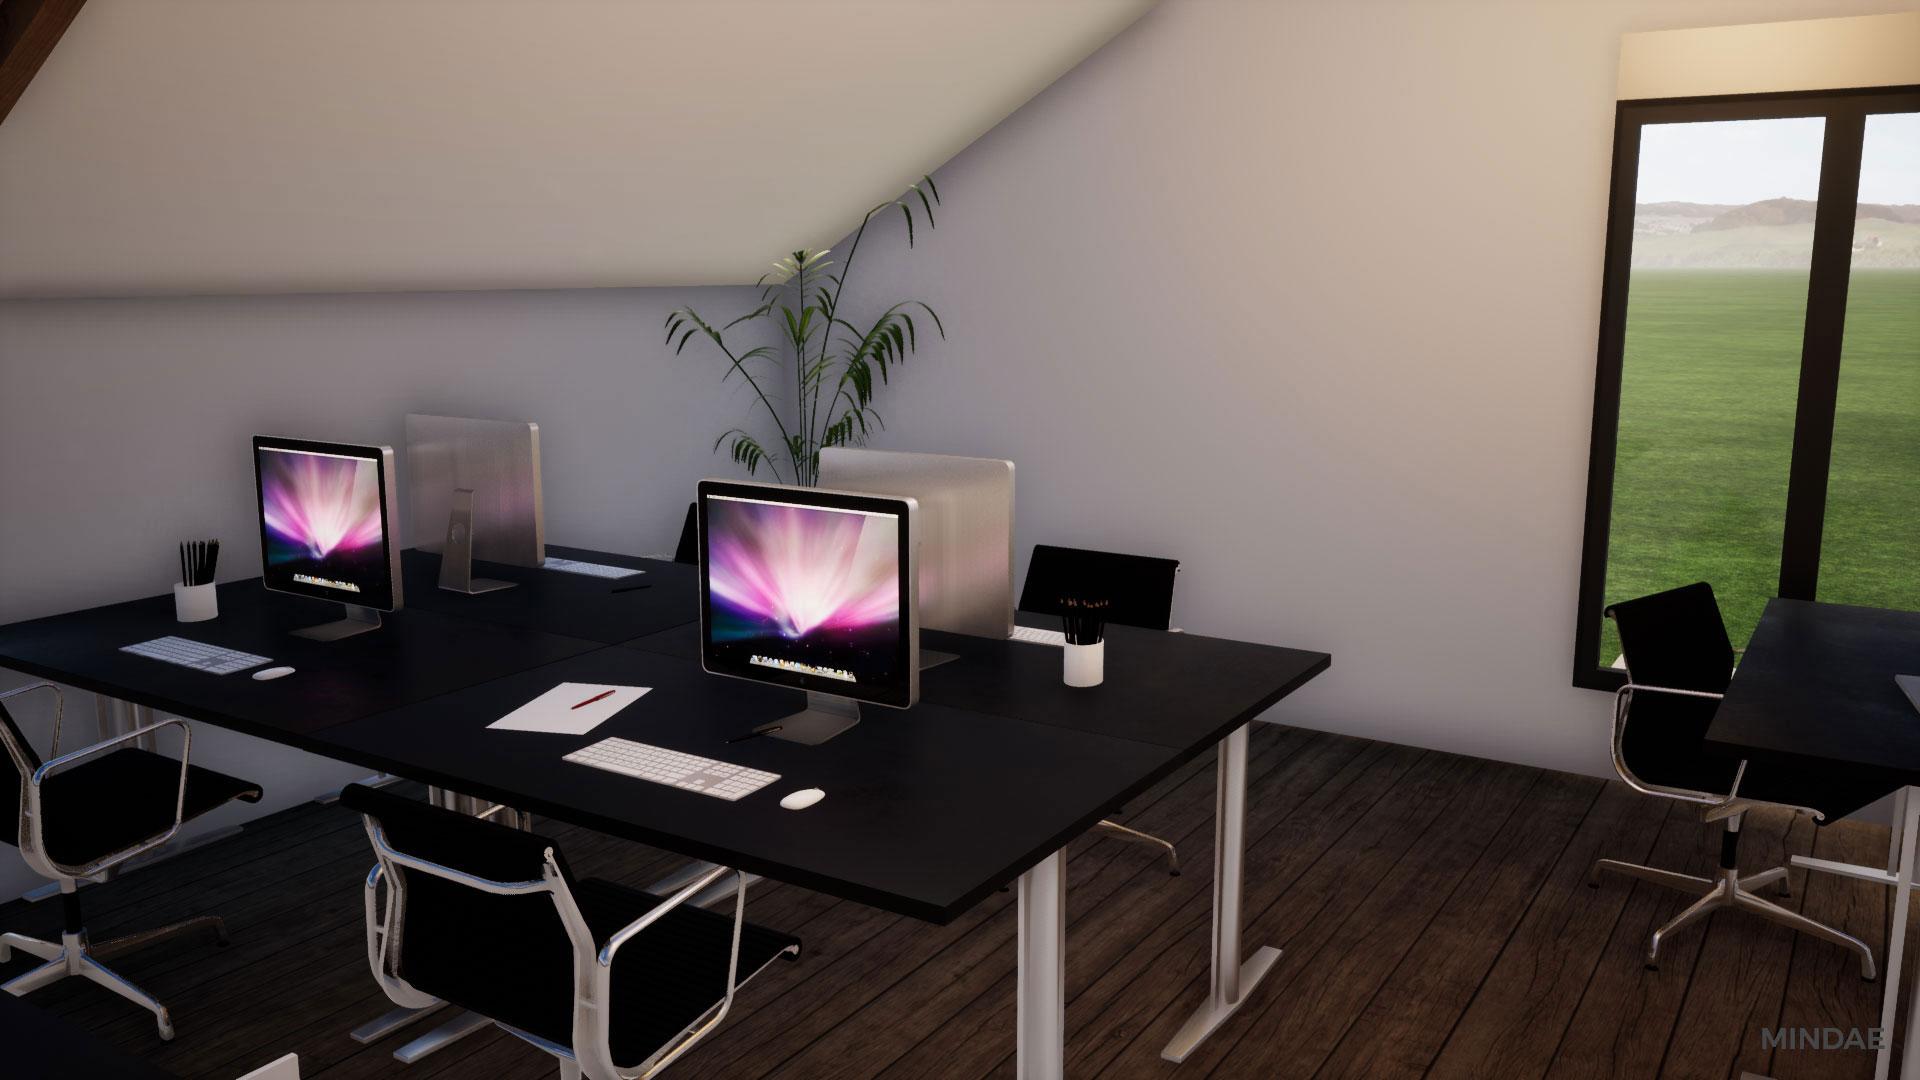 Mindae_golf_caen_3D_espace_bureaux_professionnel_conference-(5)